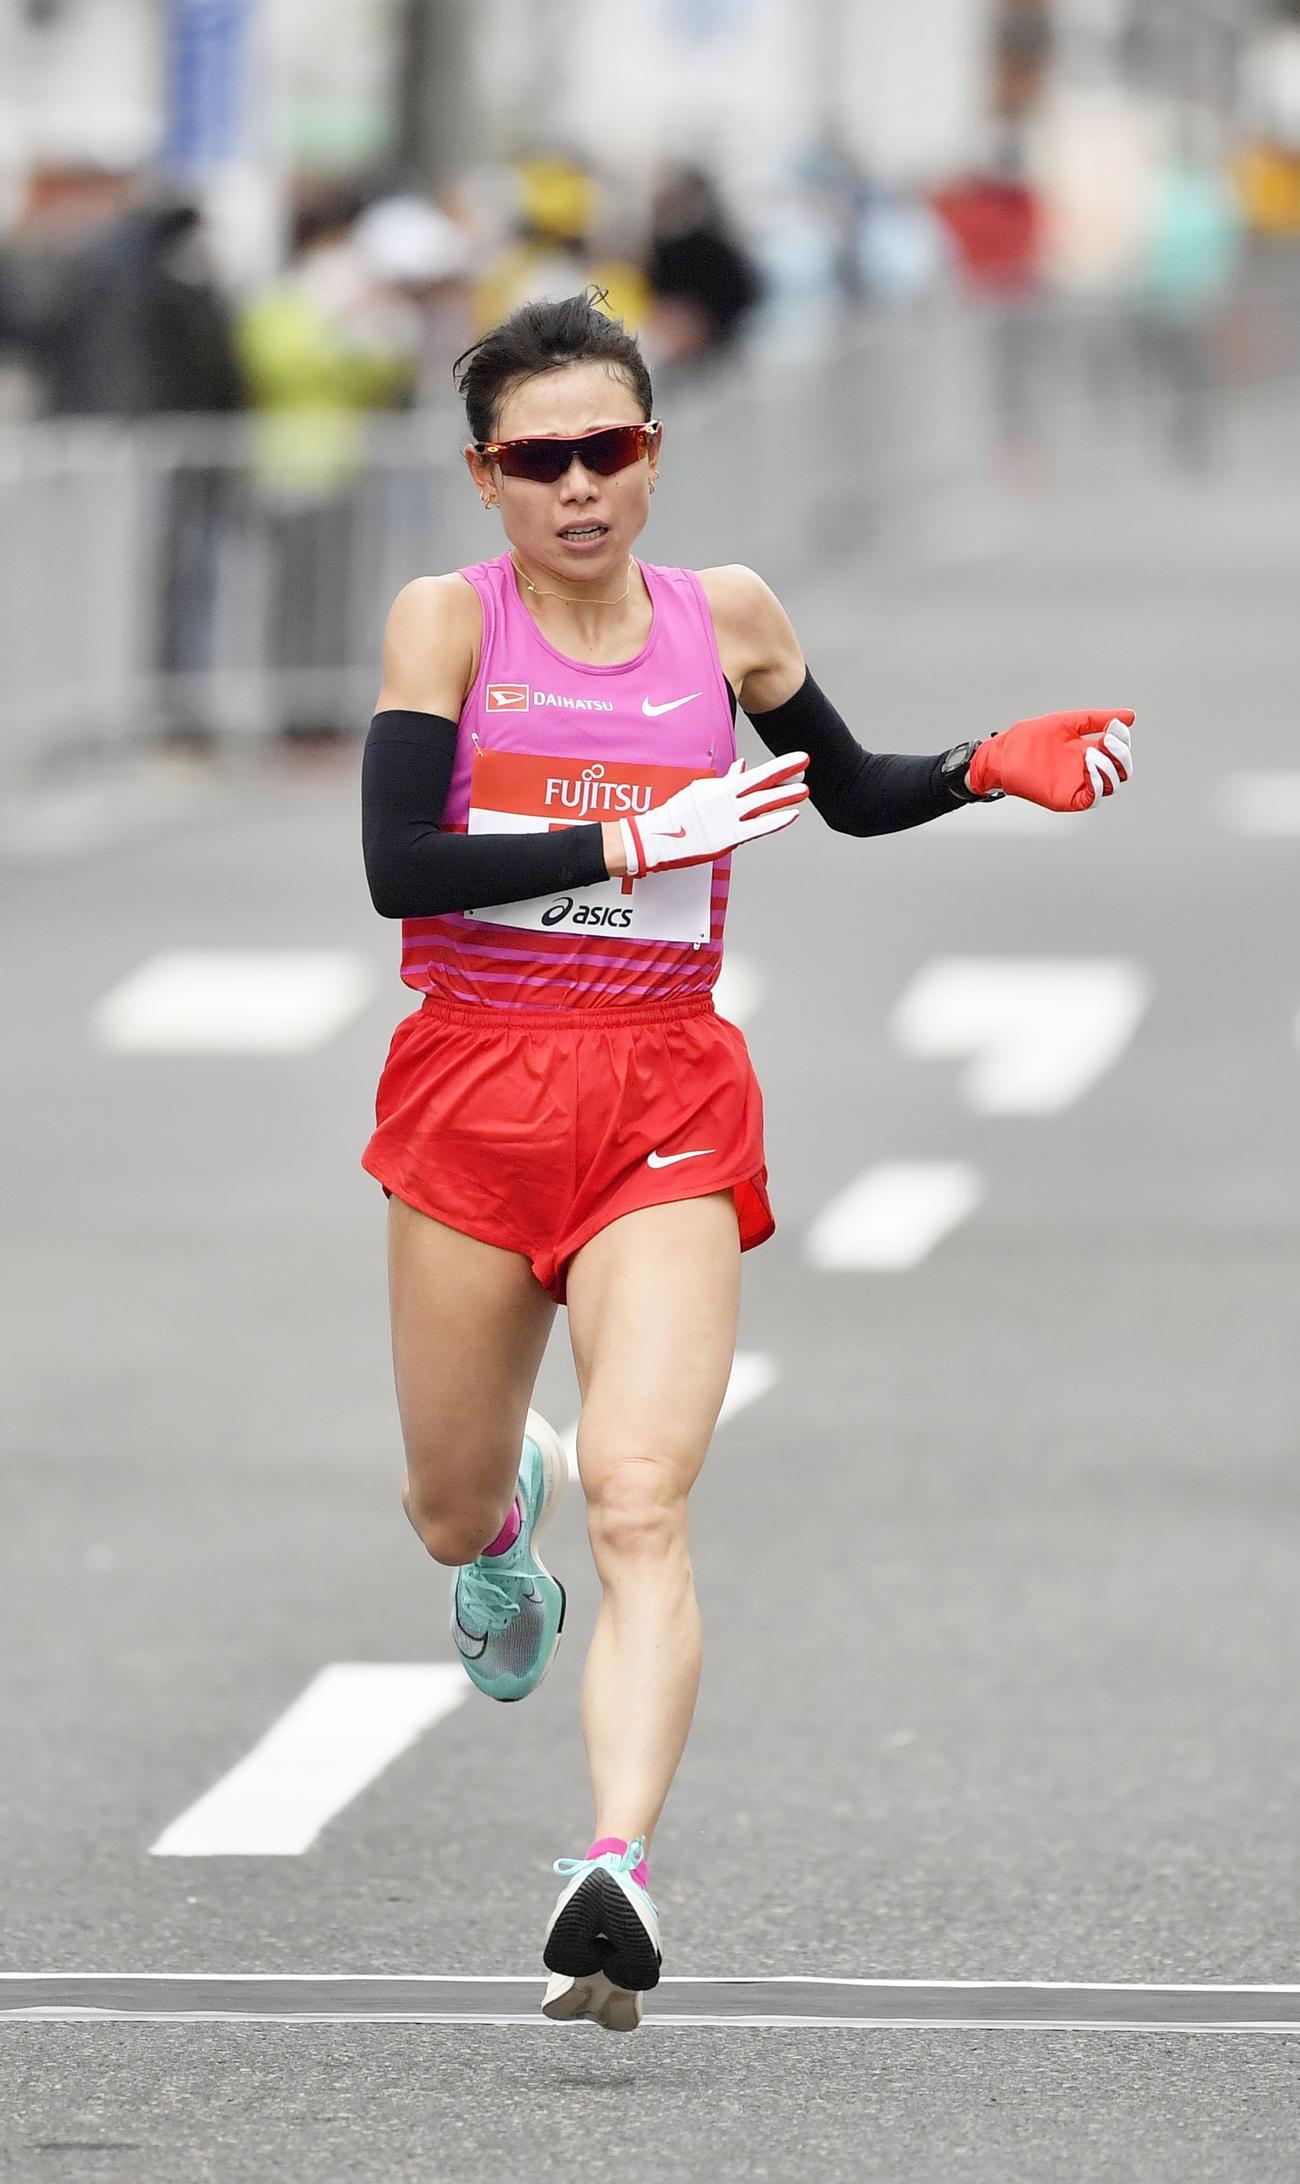 東京五輪のテスト大会となる「札幌チャレンジハーフマラソン」の女子で、2位でゴールする松田(代表撮影)